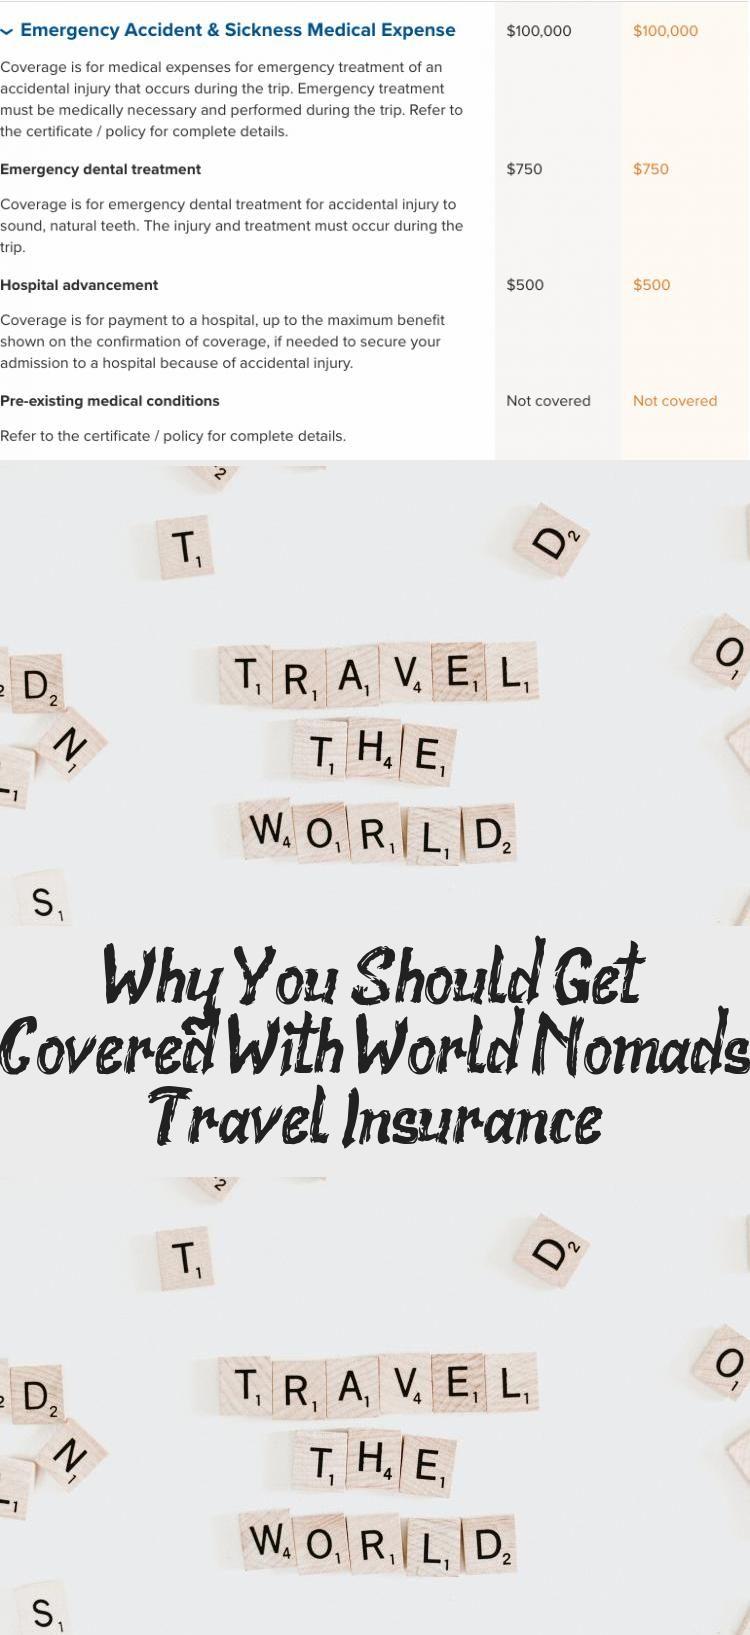 Travel Insurance World Nomads Travel Insurance Tips Best